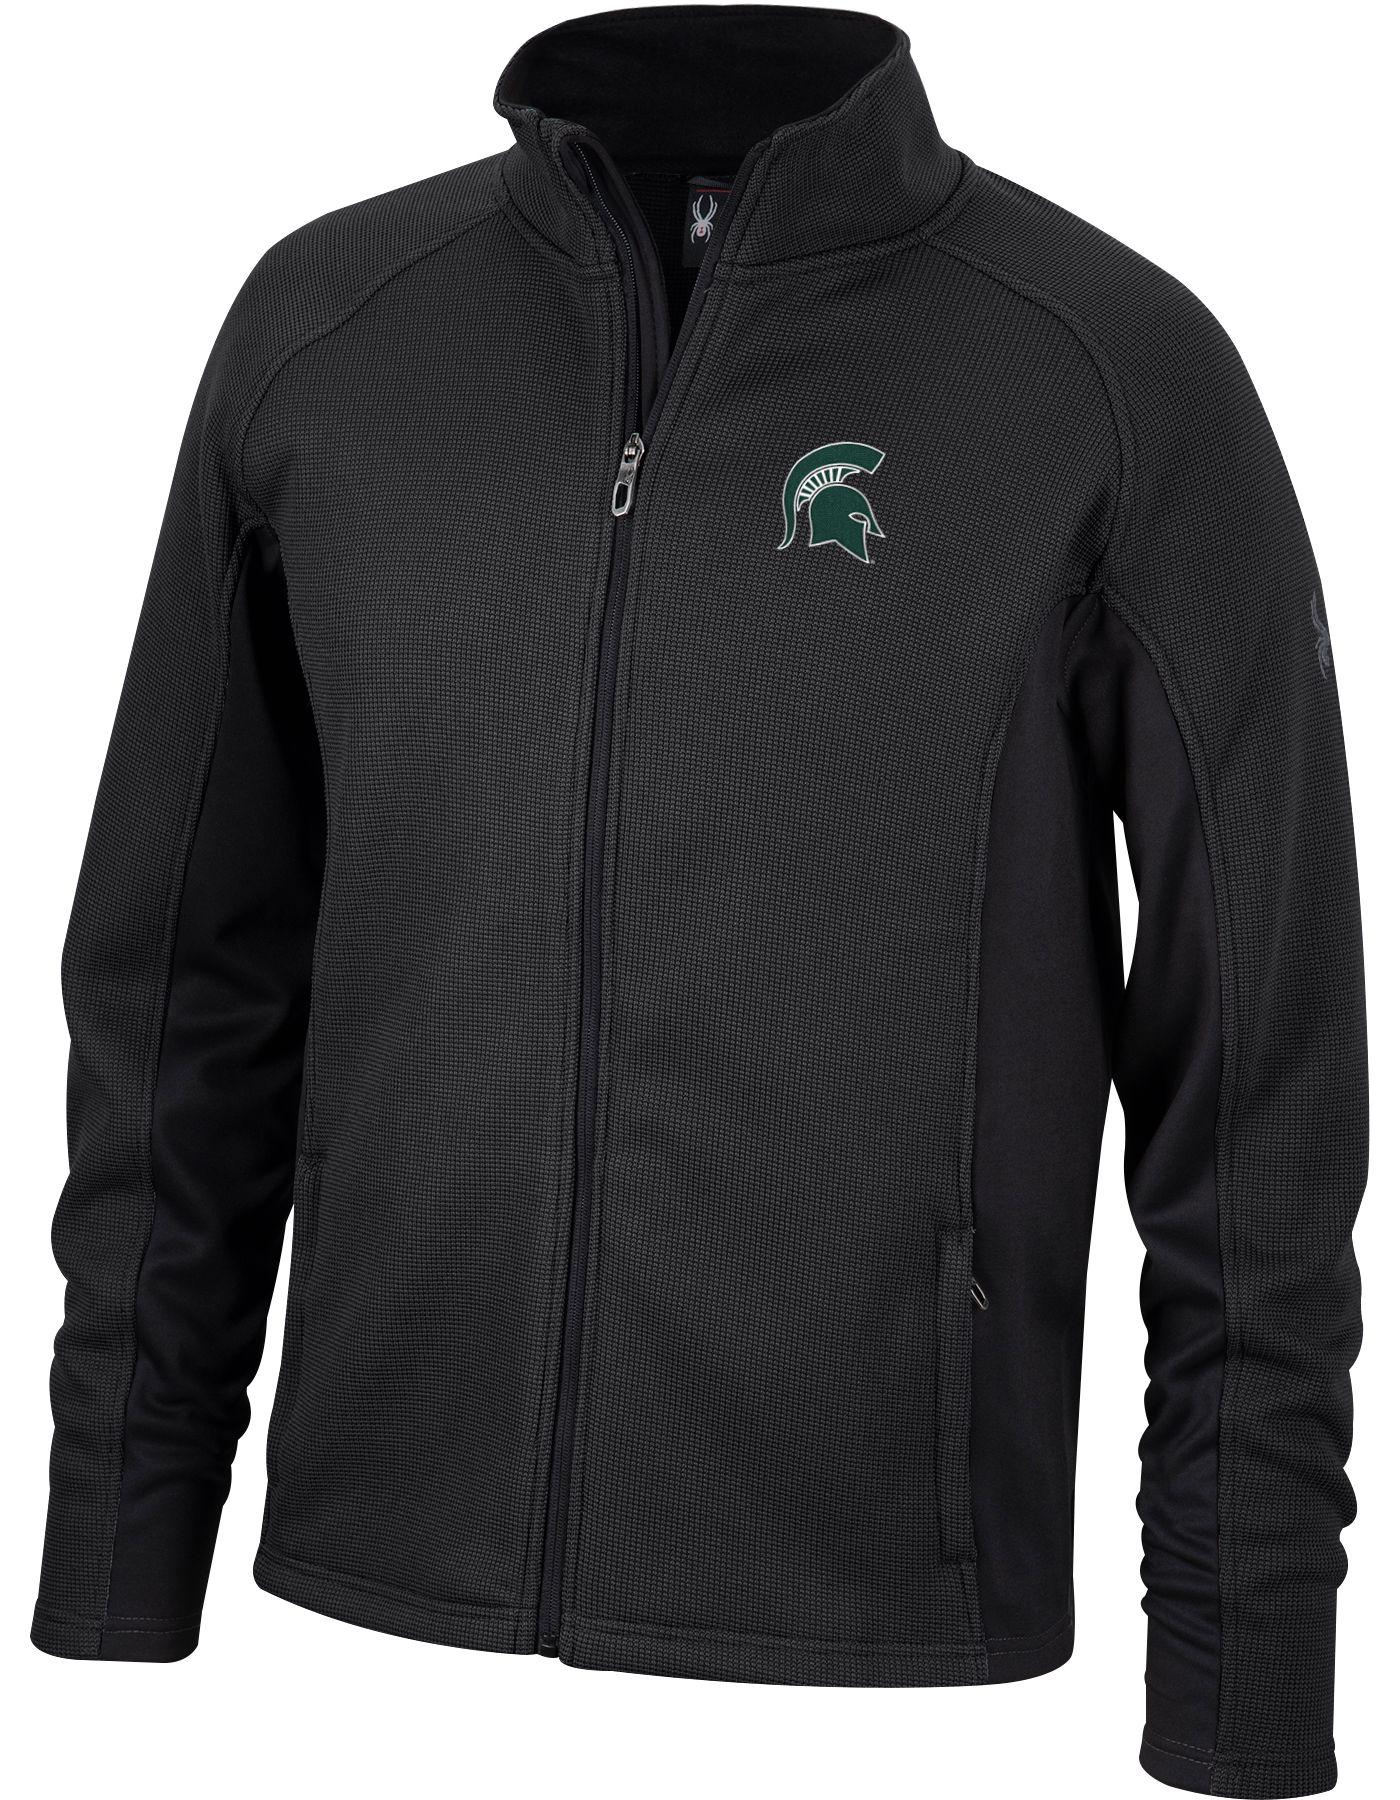 Spyder Men's Michigan State Spartans Constant Full-Zip Fleece Black Jacket